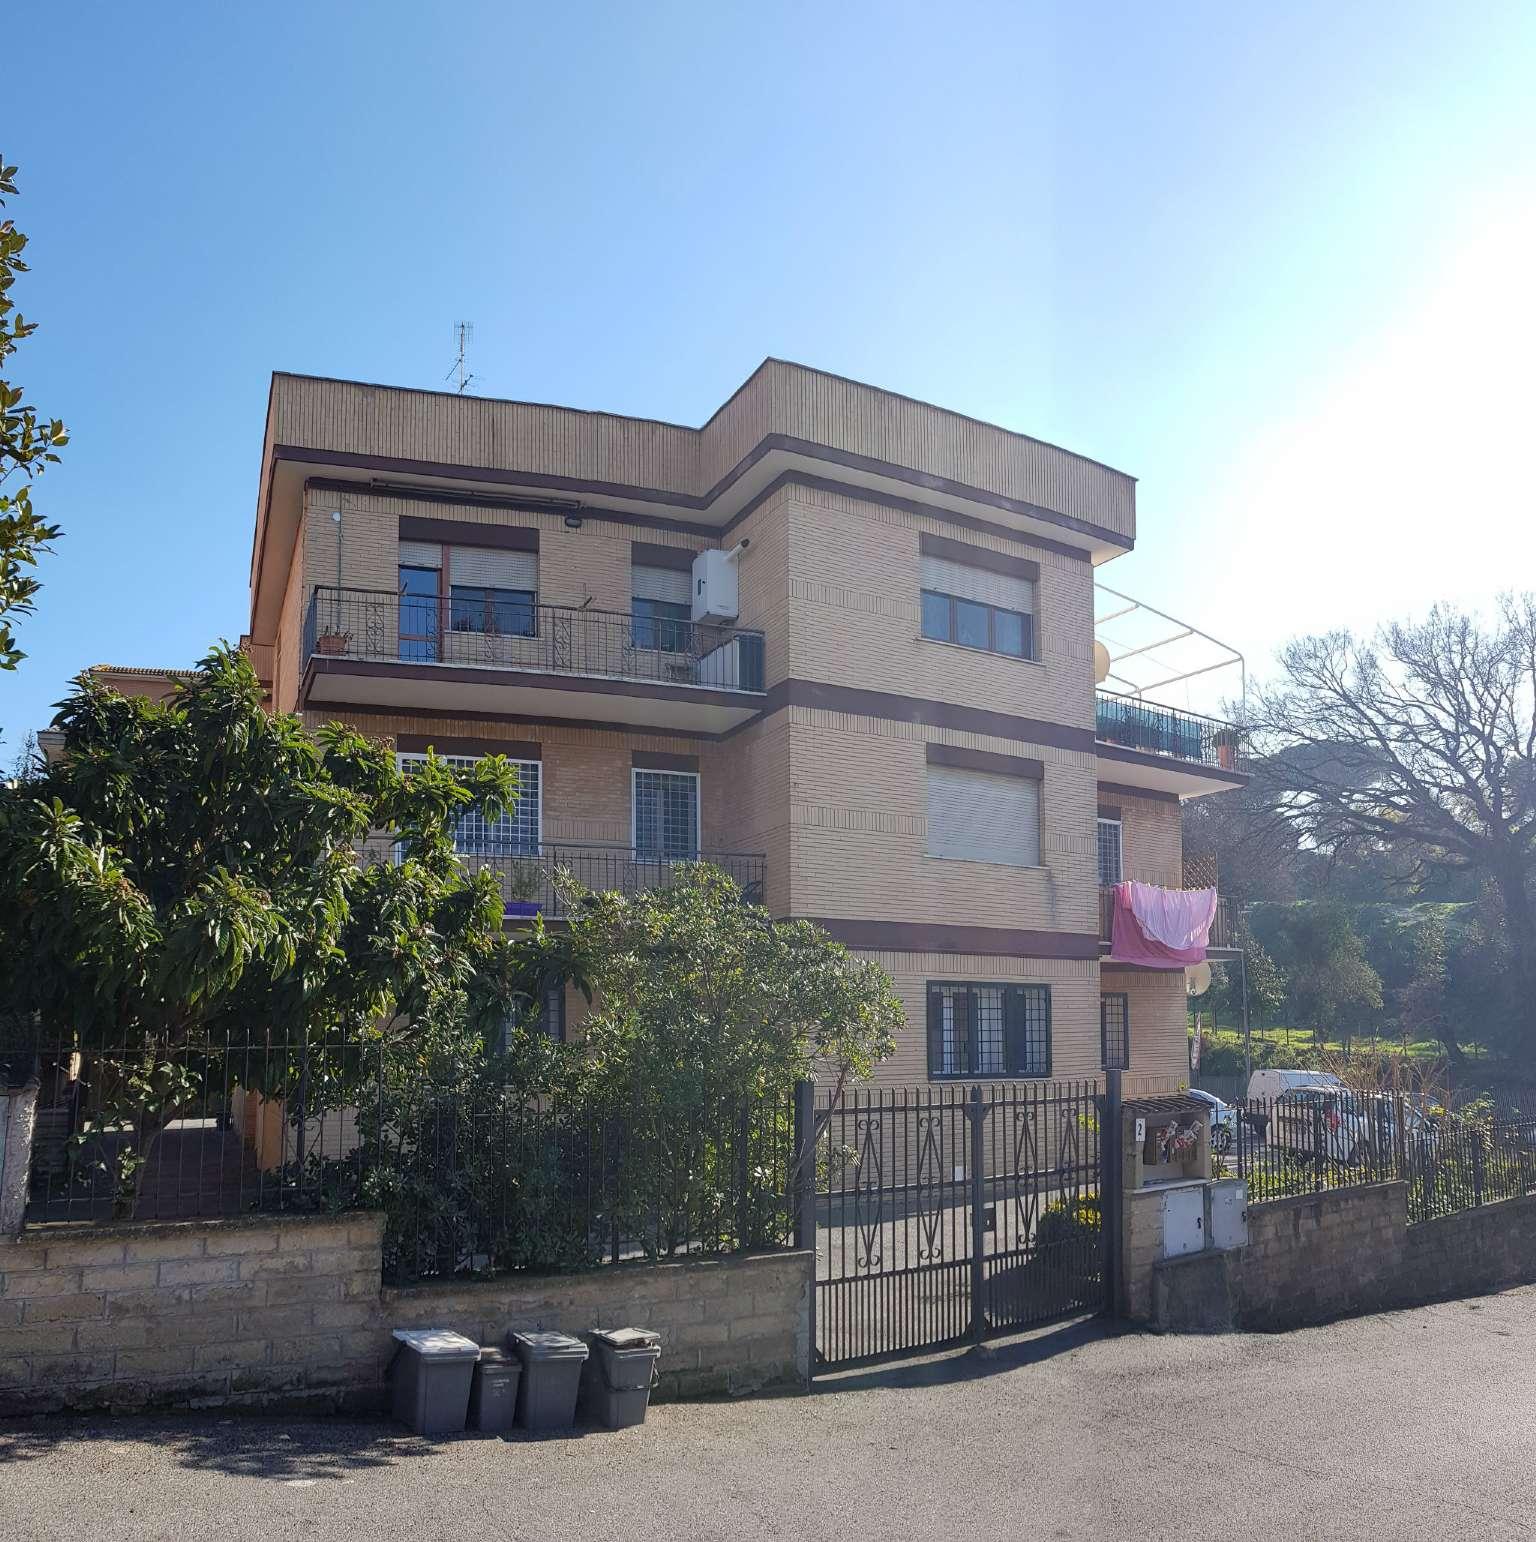 Appartamenti ingresso indipendente in affitto a roma pag for Appartamenti arredati in affitto roma